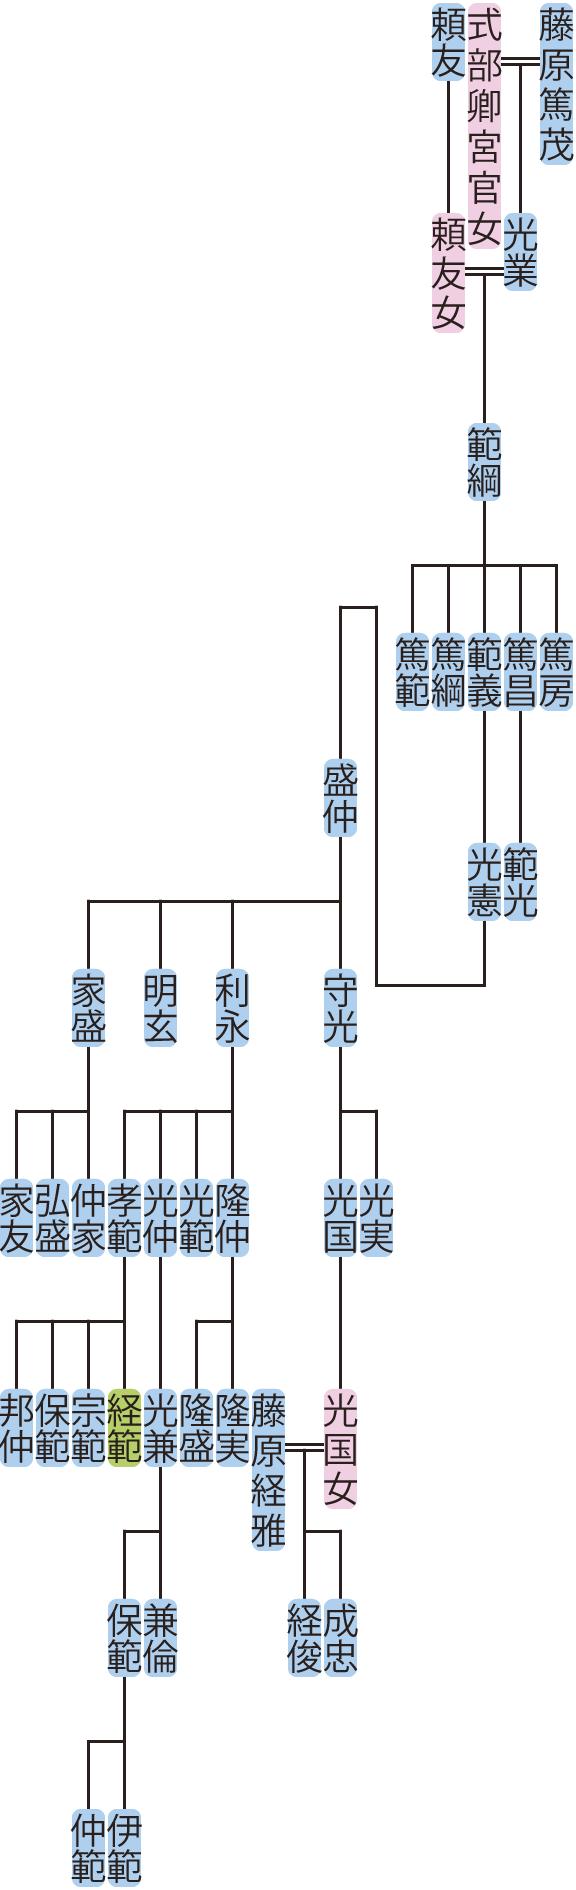 藤原範綱の系図